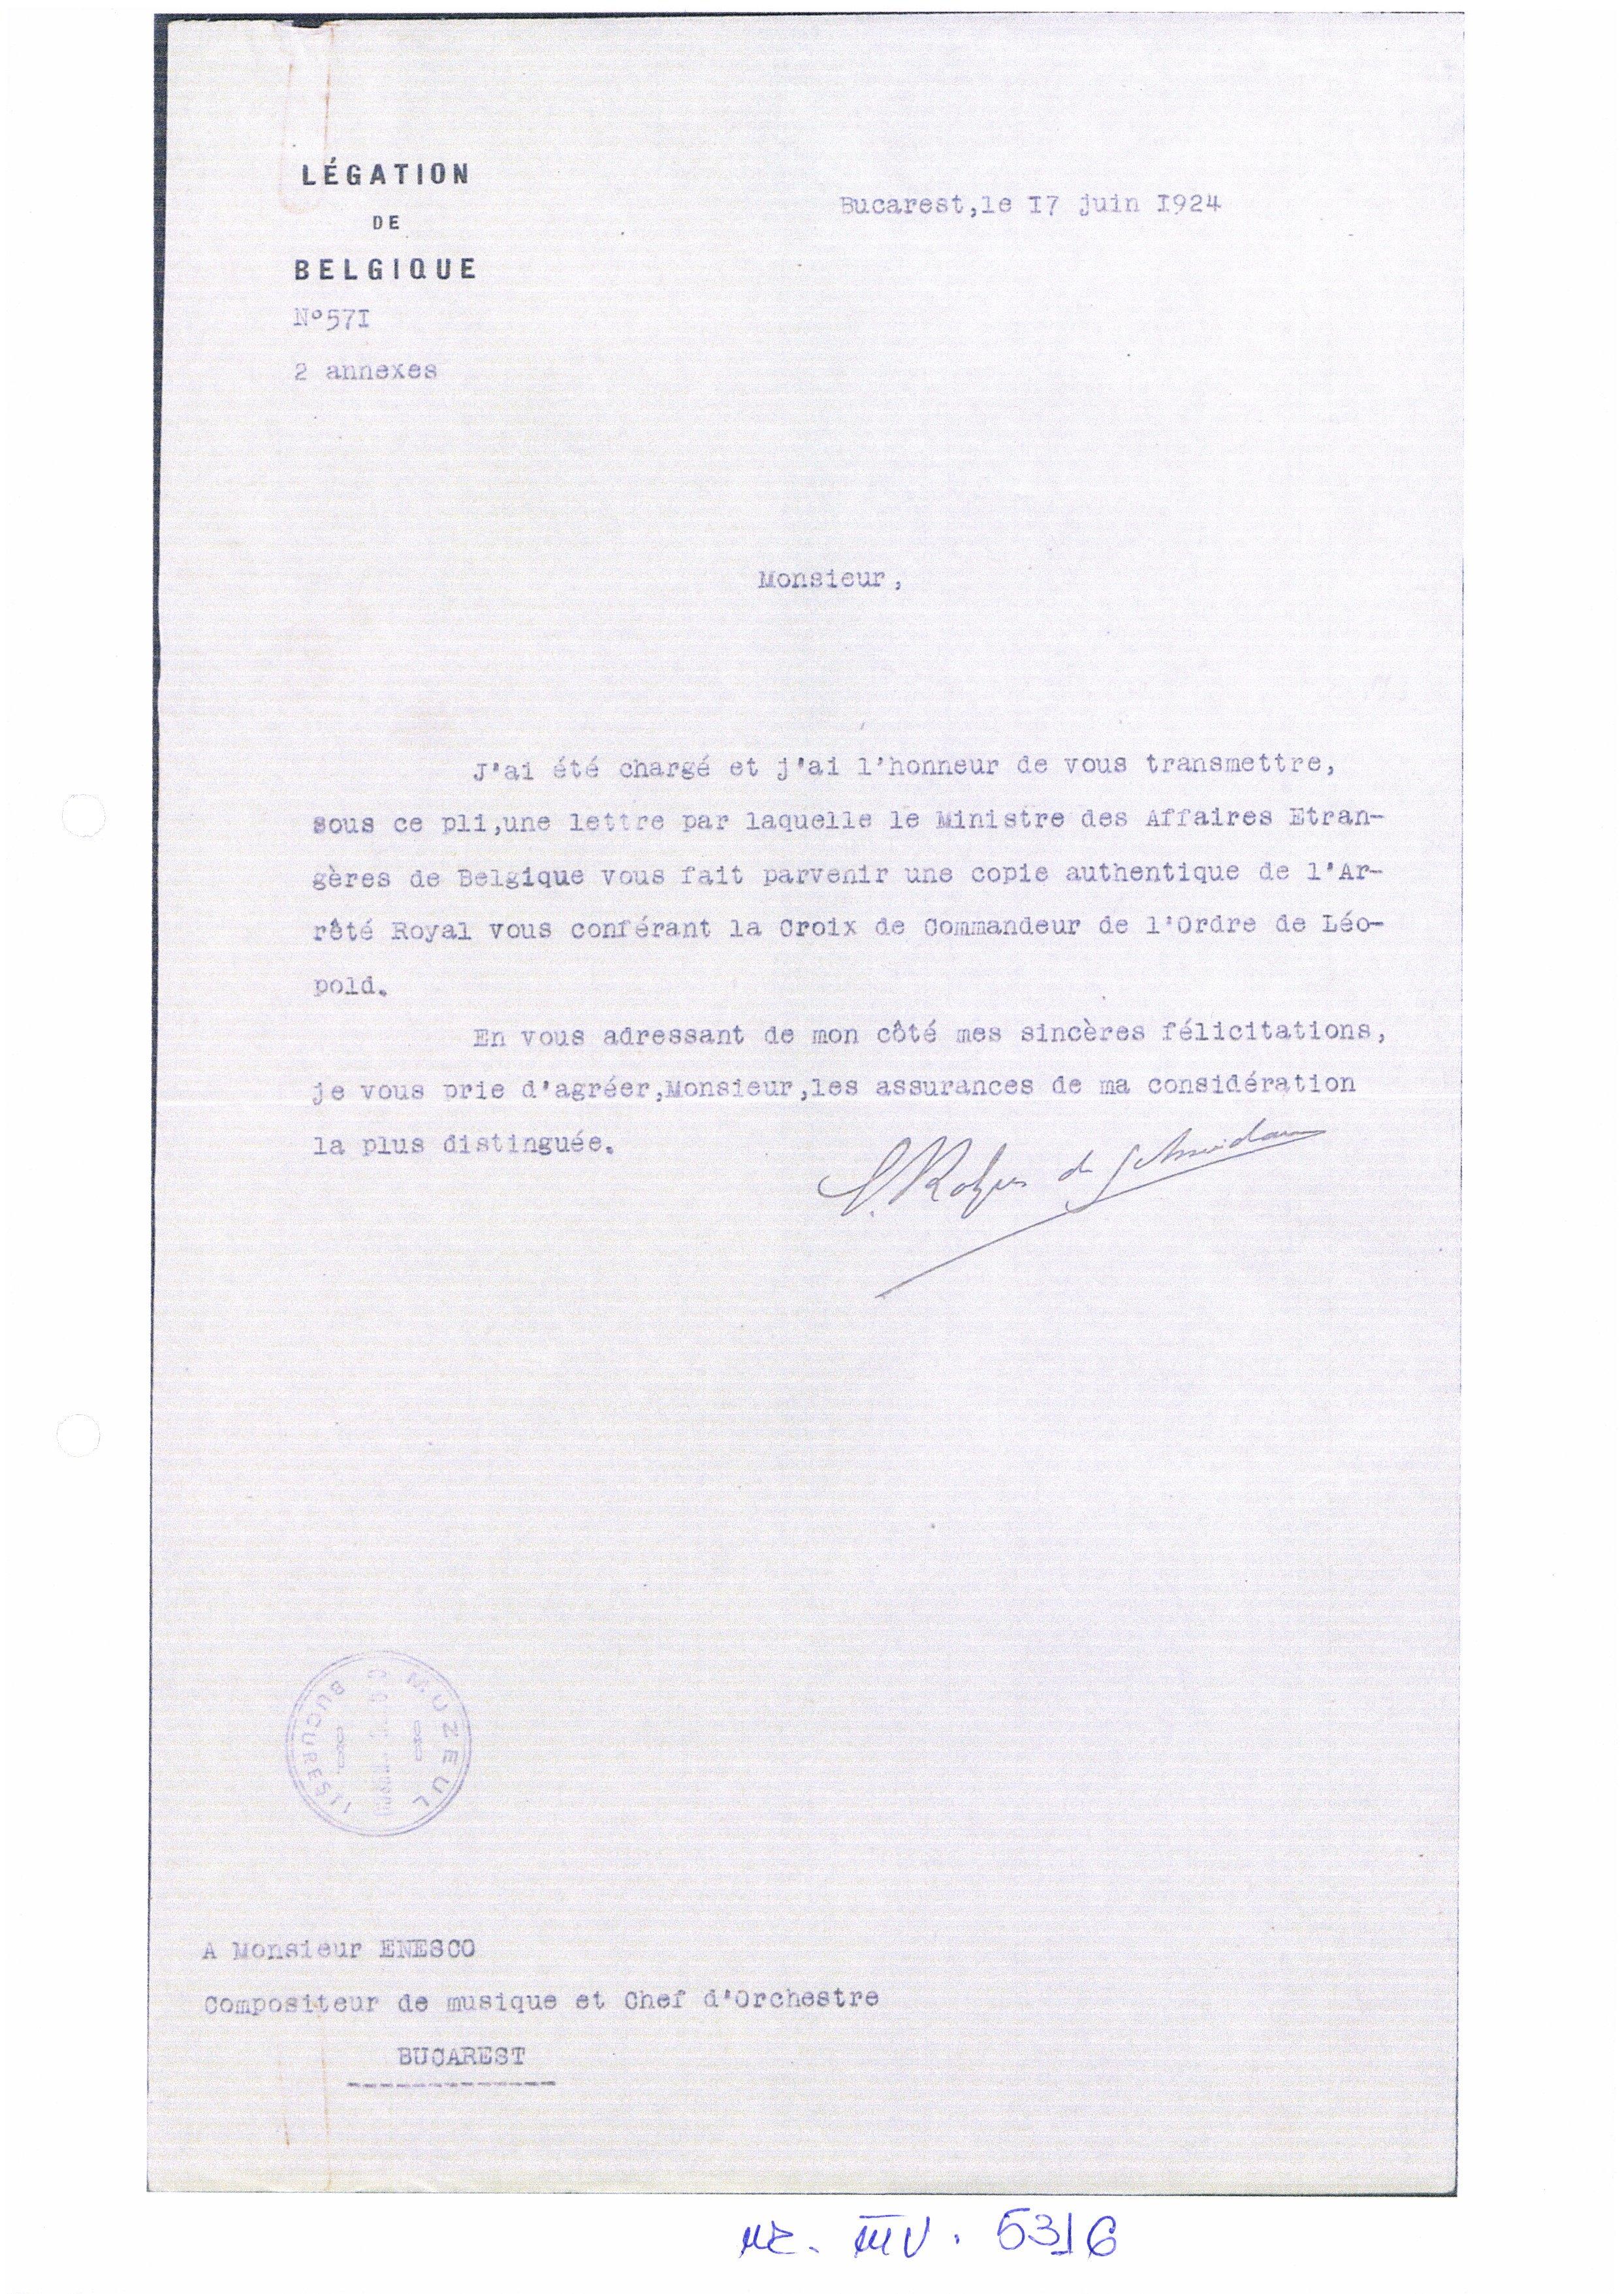 """Legaţia Belgiei din Bucureşti; Scrisoare oficială a Legaţiei Belgiei din Bucureşti către George Enescu. Acesta este anunţat că va primi o copie autentică a documentului prin care i s-a conferit distincţia """"Crucea de Commandor al Ordinului Leopold al Belgiei"""" - Muzeul Naţional """"George Enescu"""" - BUCUREŞTI (Patrimoniul Cultural National Mobil din Romania. Ordin de clasare: 2084/15.02.2018 - Fond)"""